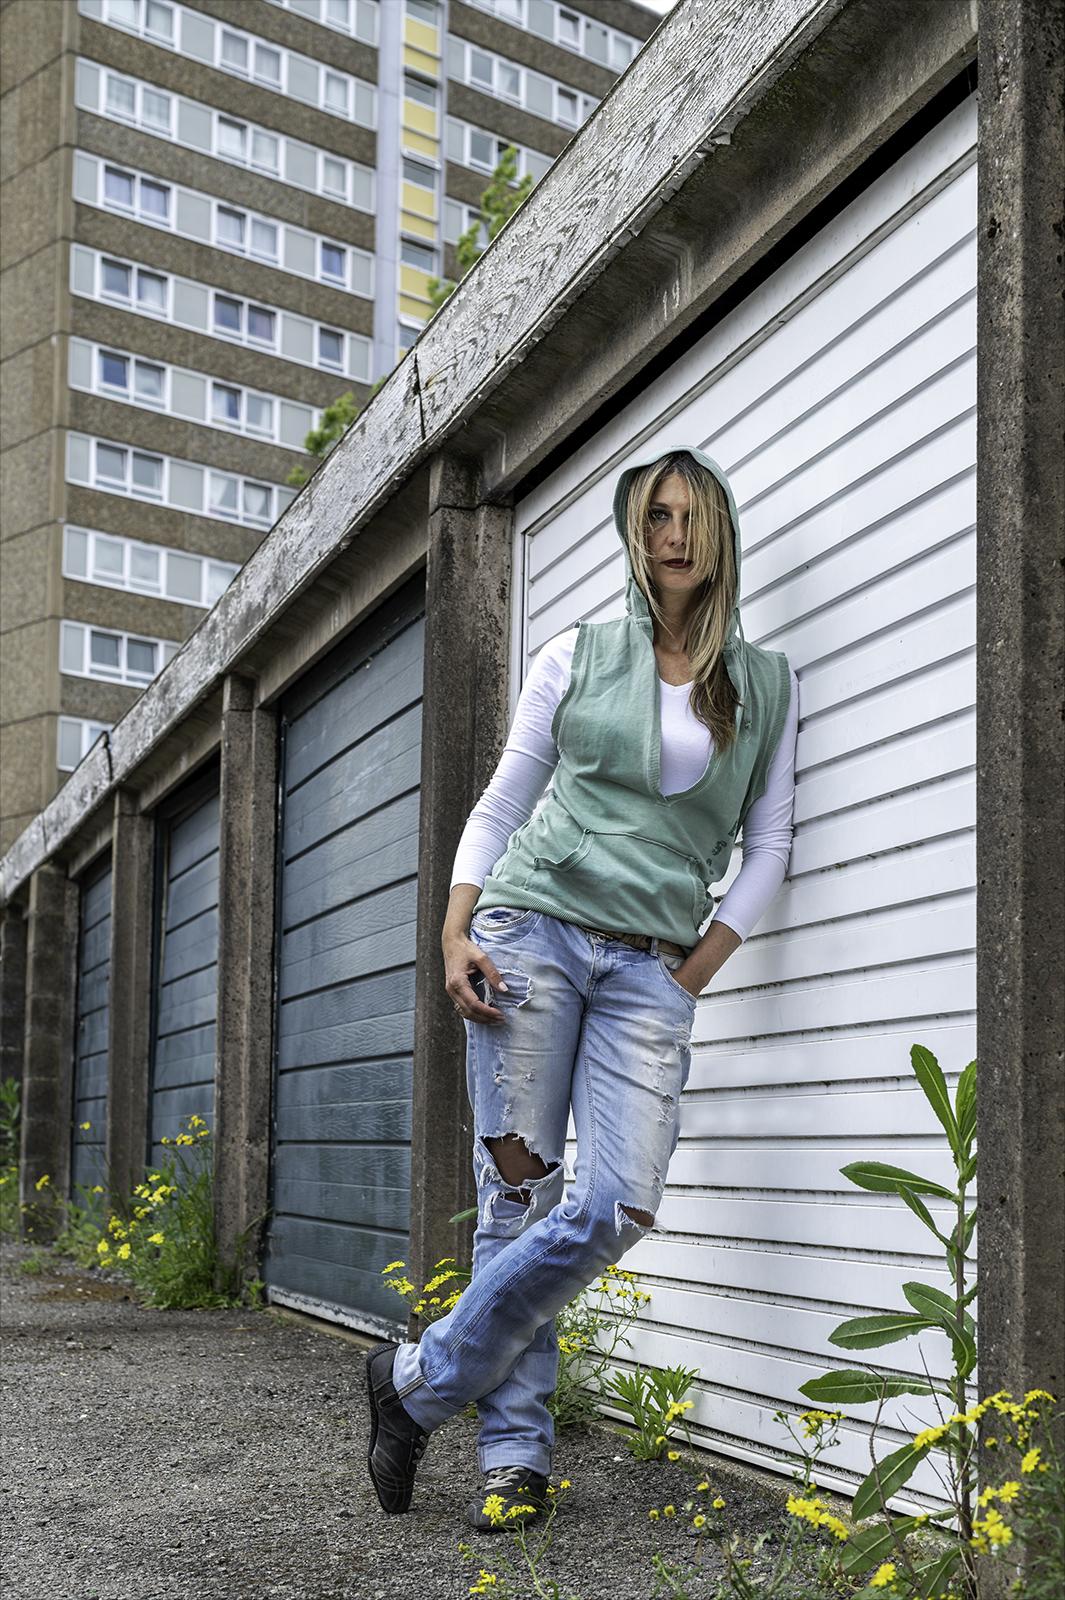 urban-girl-by-aidan-huxford